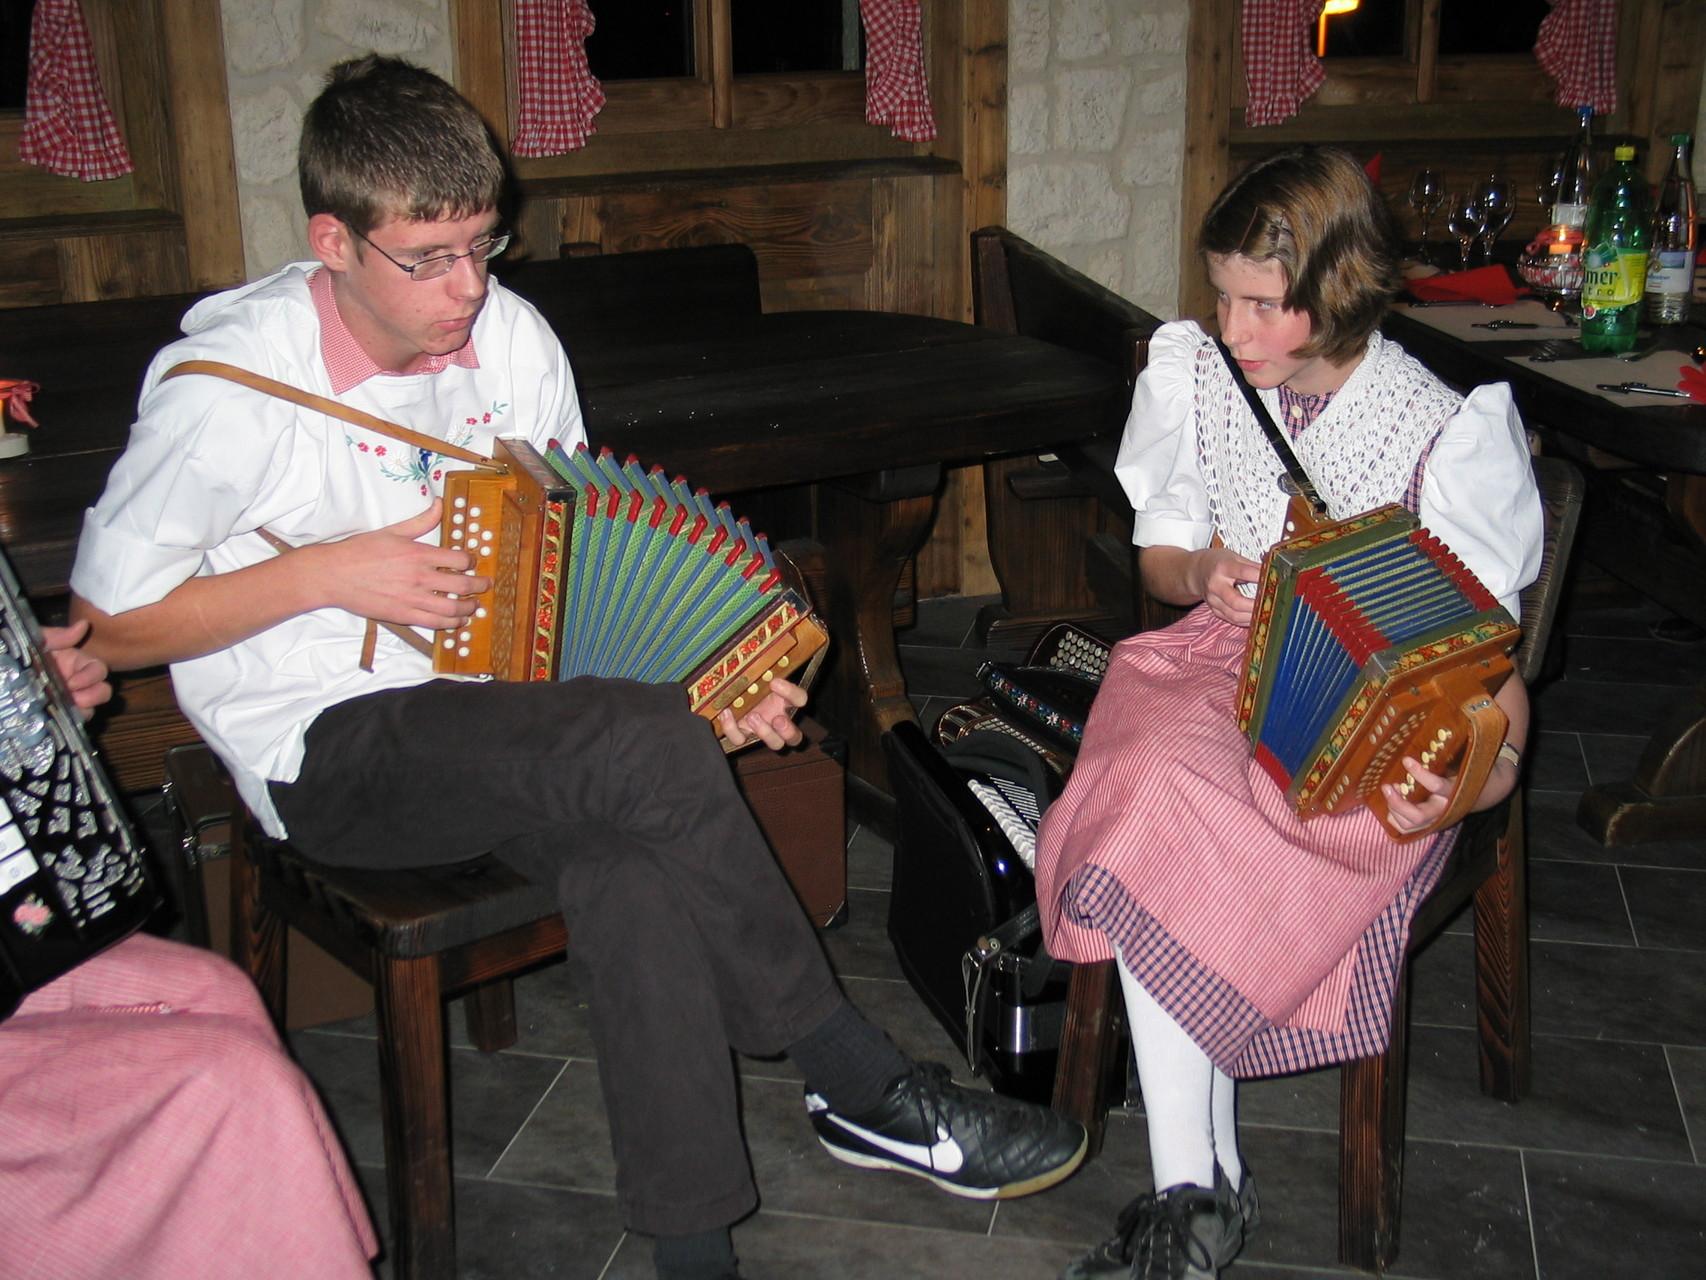 ... dann von den (zum Teil sehr jungen) Musikern ...